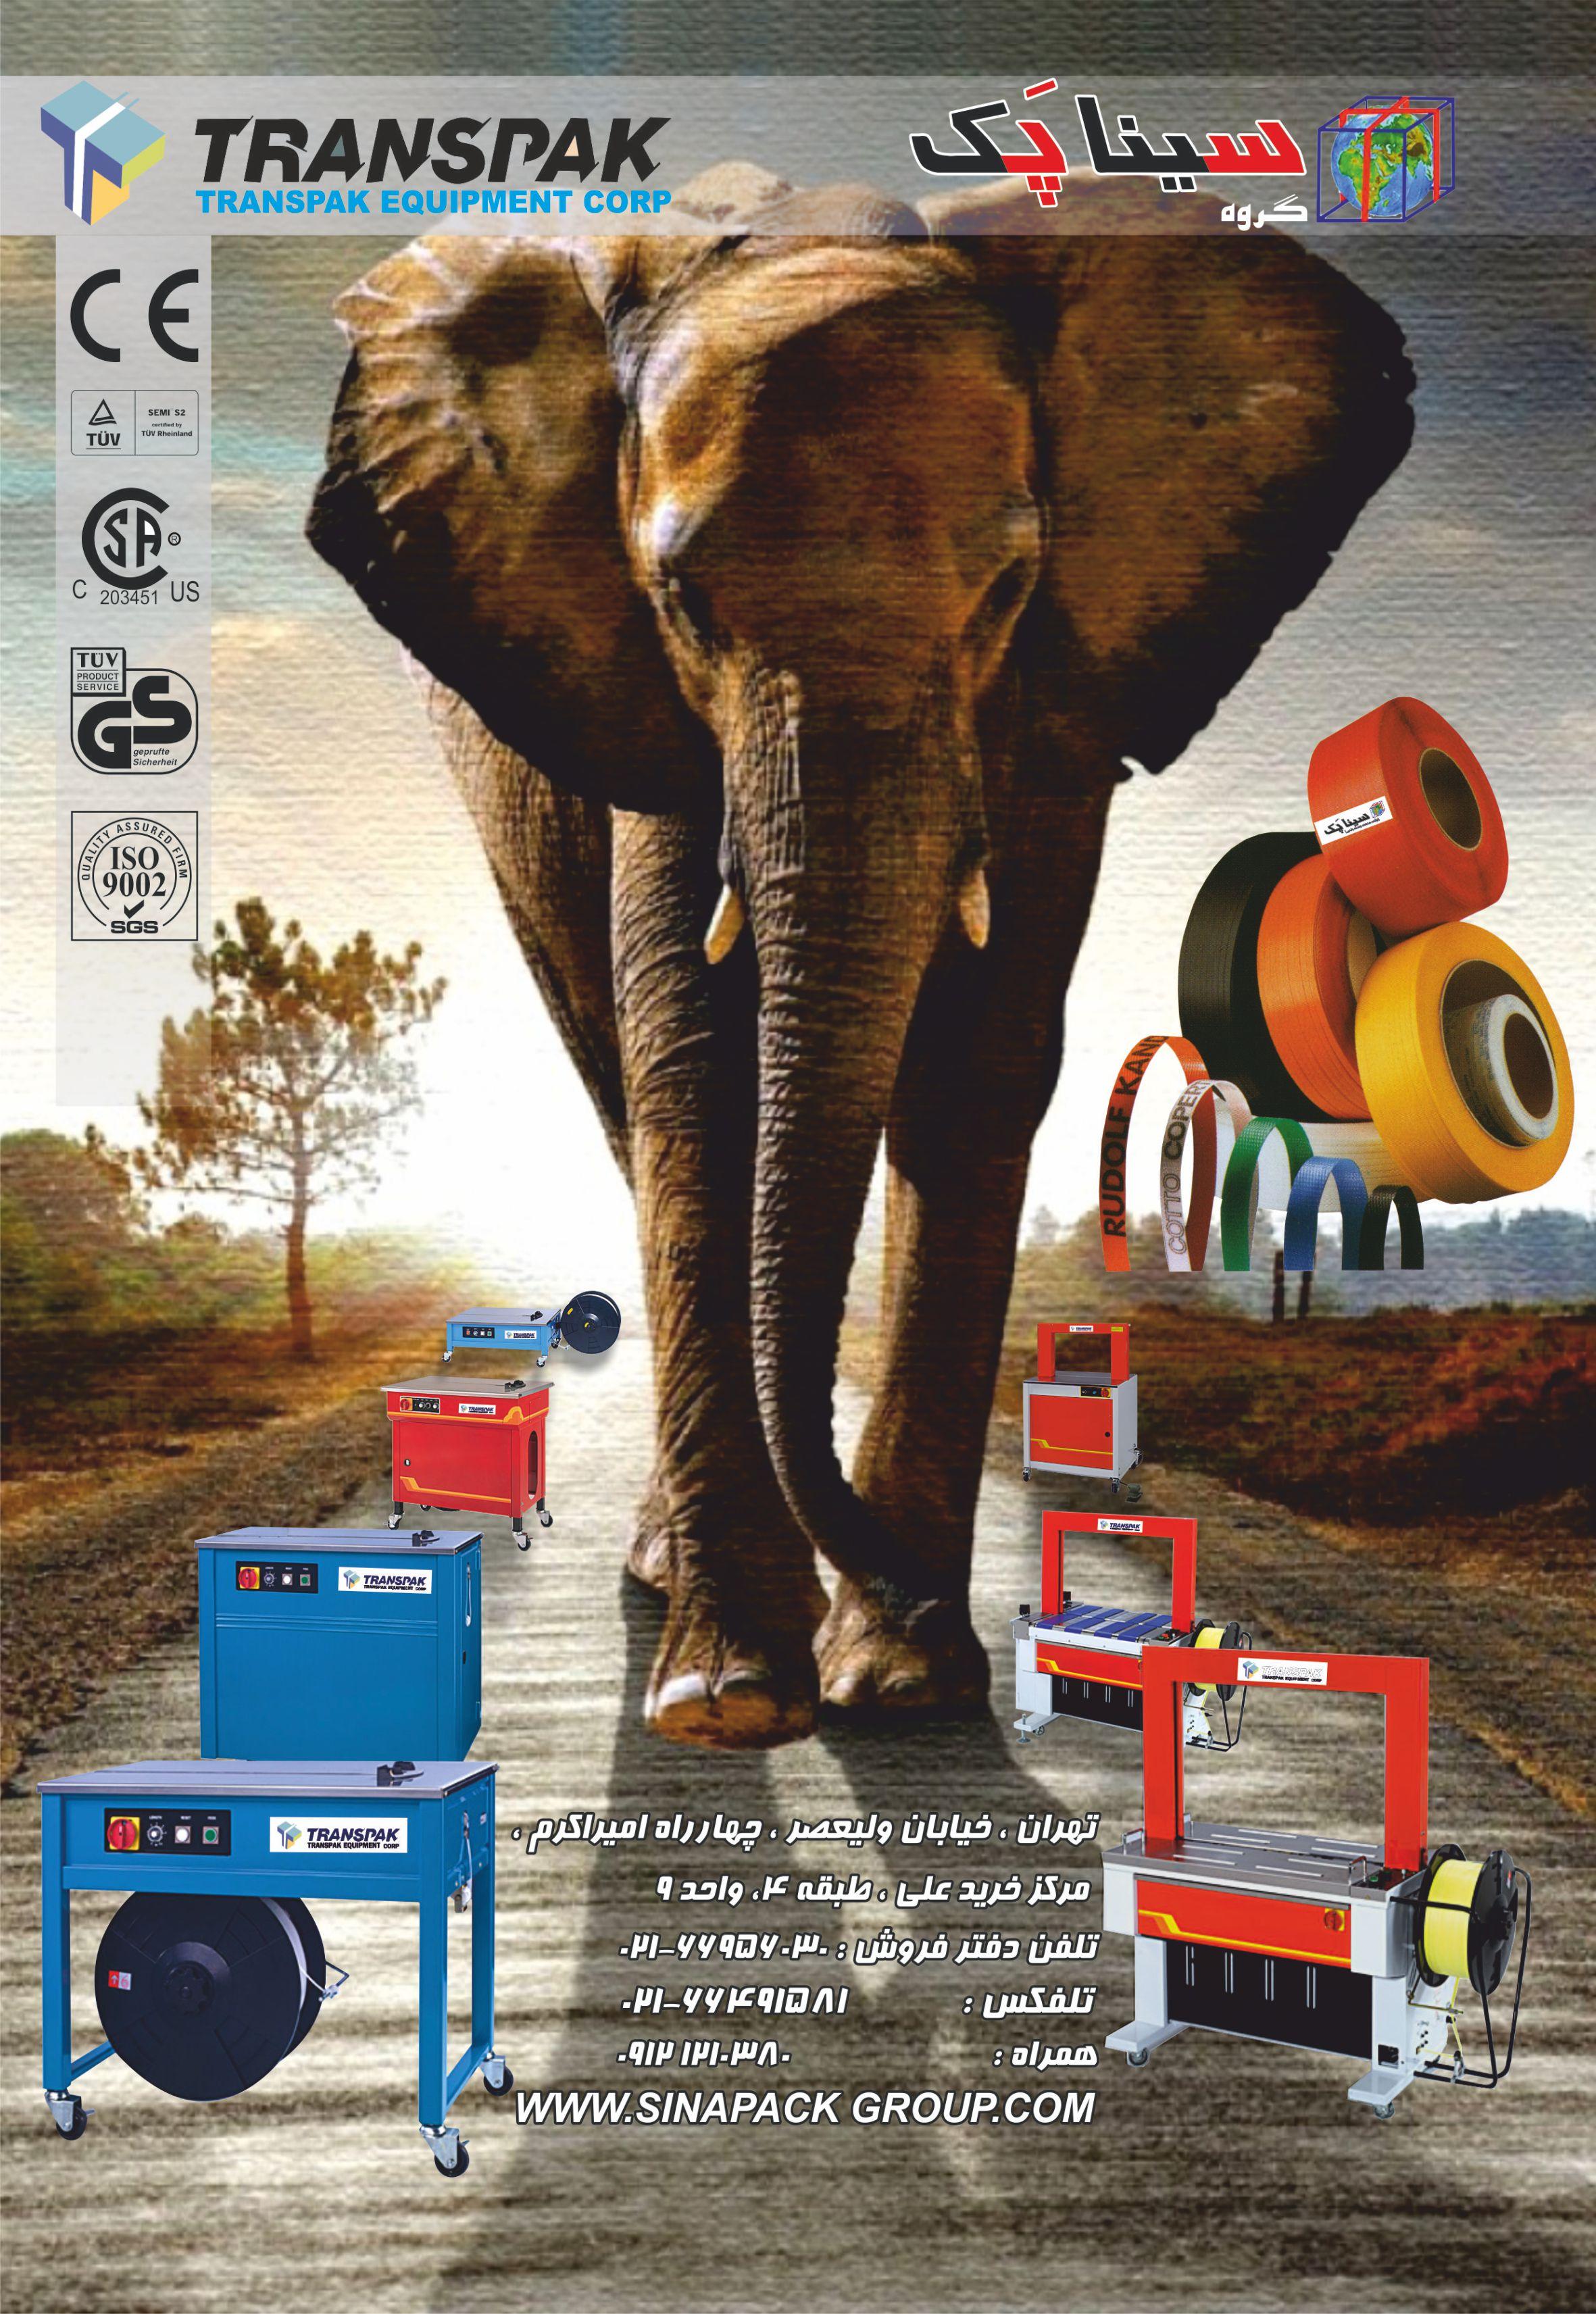 گروه سیناپک وارد کننده انواع تسمه کش های بسته بندی ، تولید انواع تسمه های بسته بندی و ارایه تعمیرات تسمه کش های بسته بندی 66956030-021